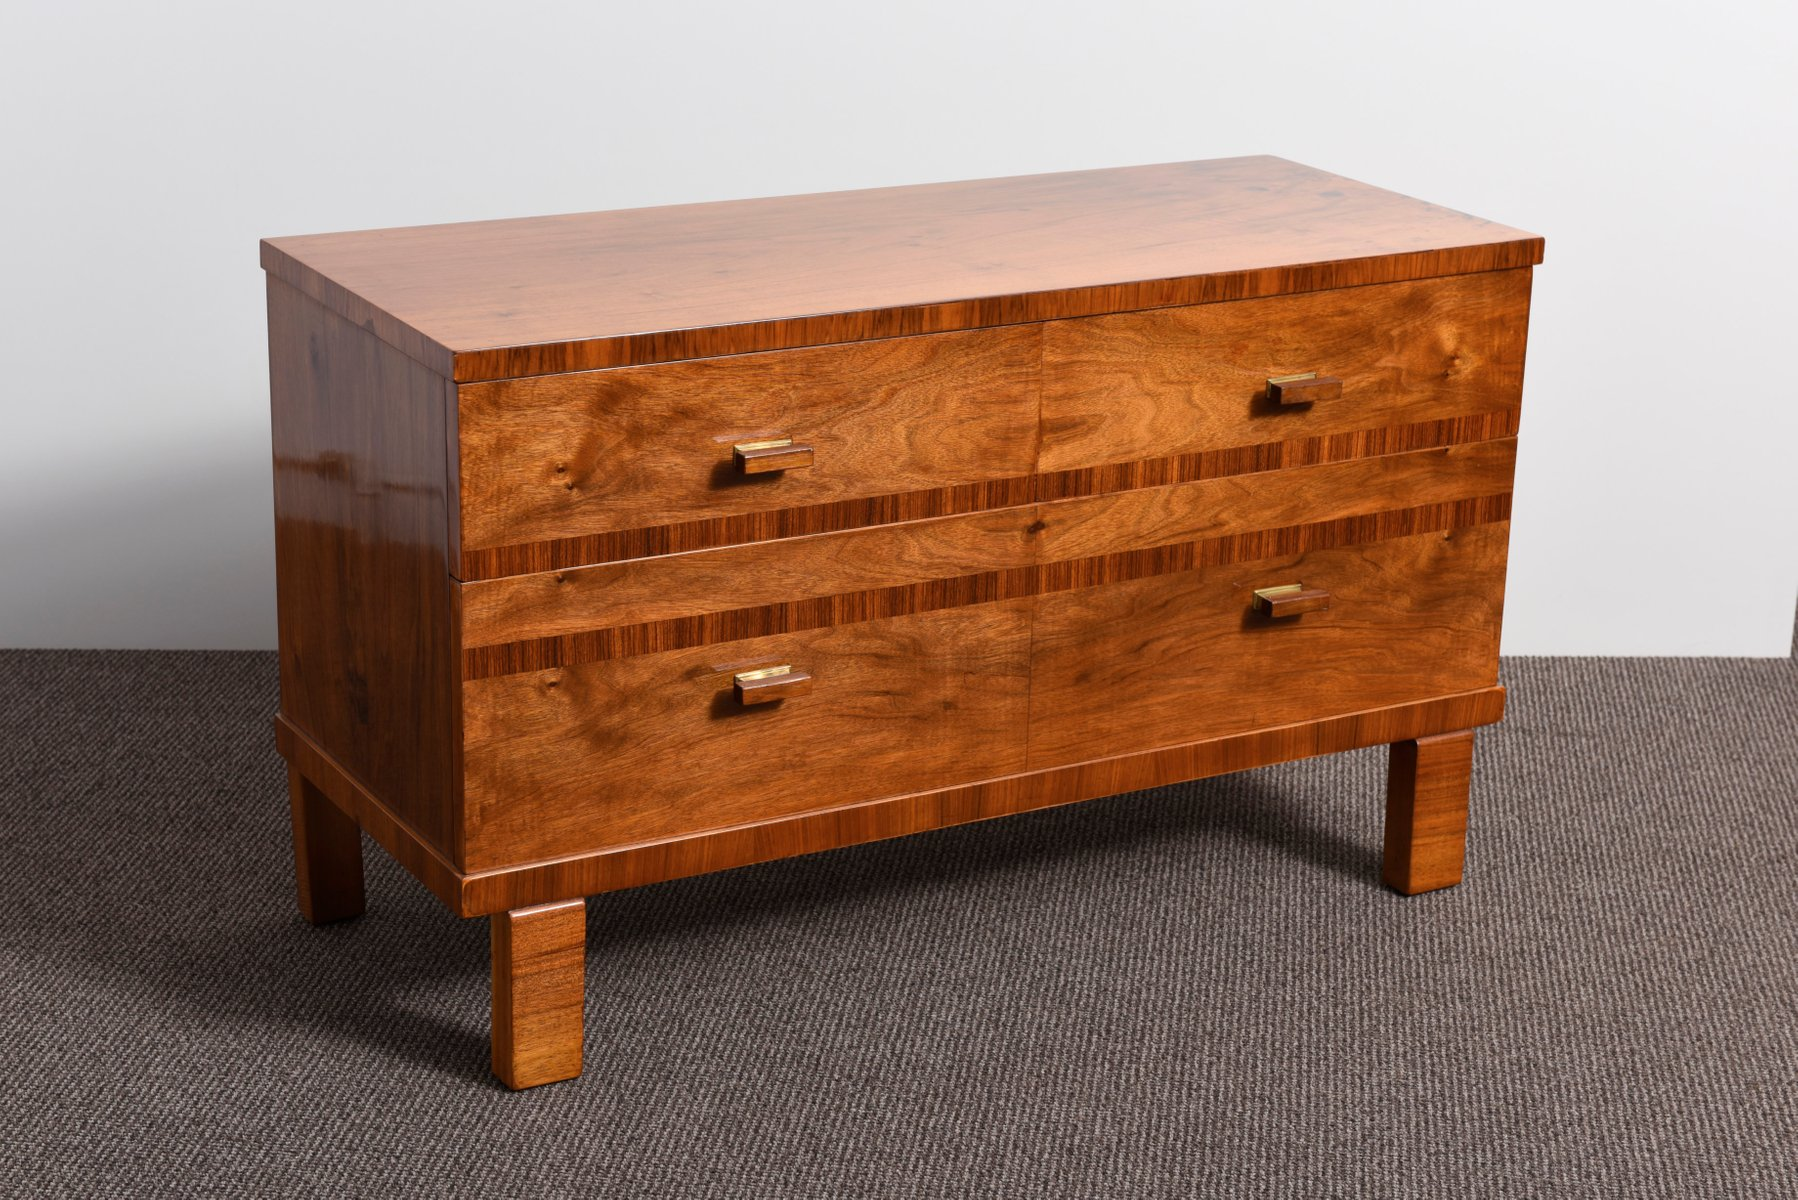 commode art d co en placage de noyer france 1935 en vente sur pamono. Black Bedroom Furniture Sets. Home Design Ideas